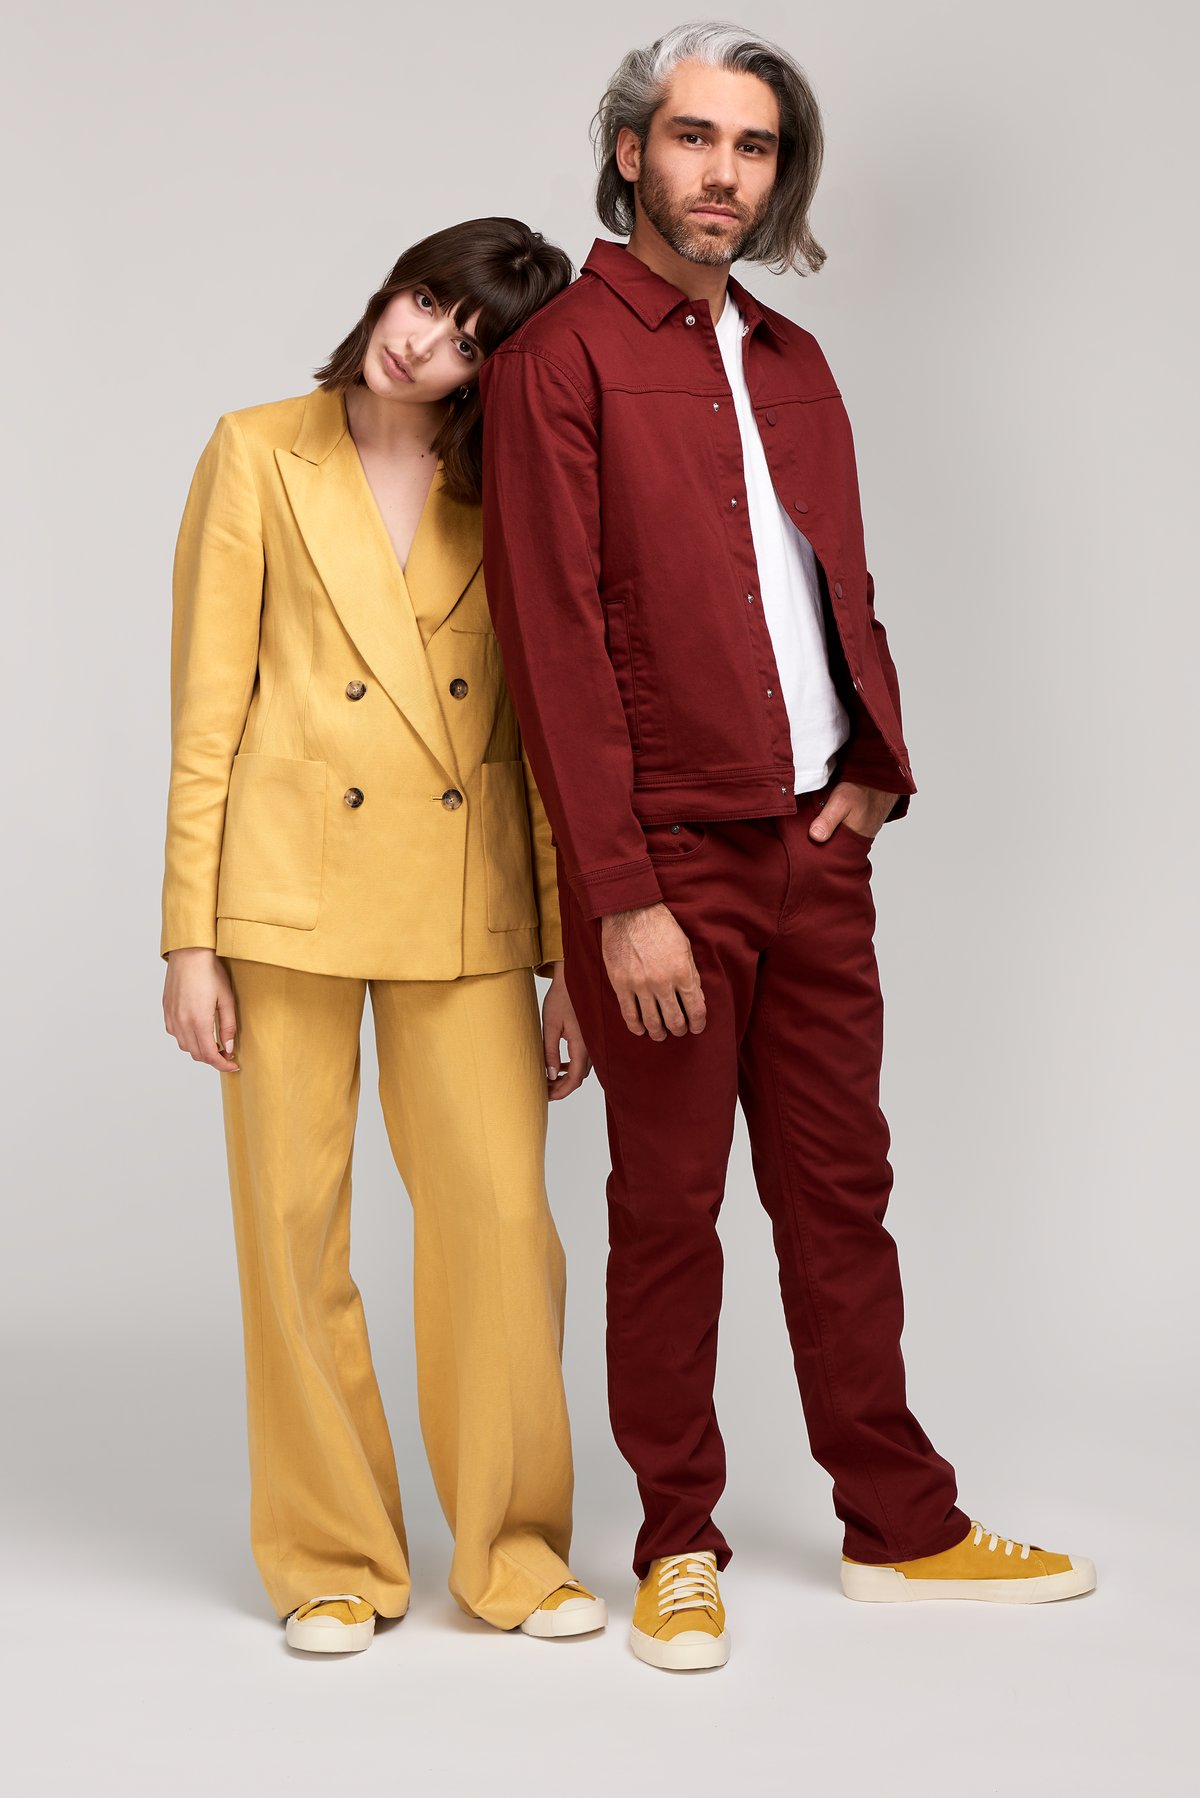 MAGUIRE_taipei-duo-couple_modele_428_1200x.jpg